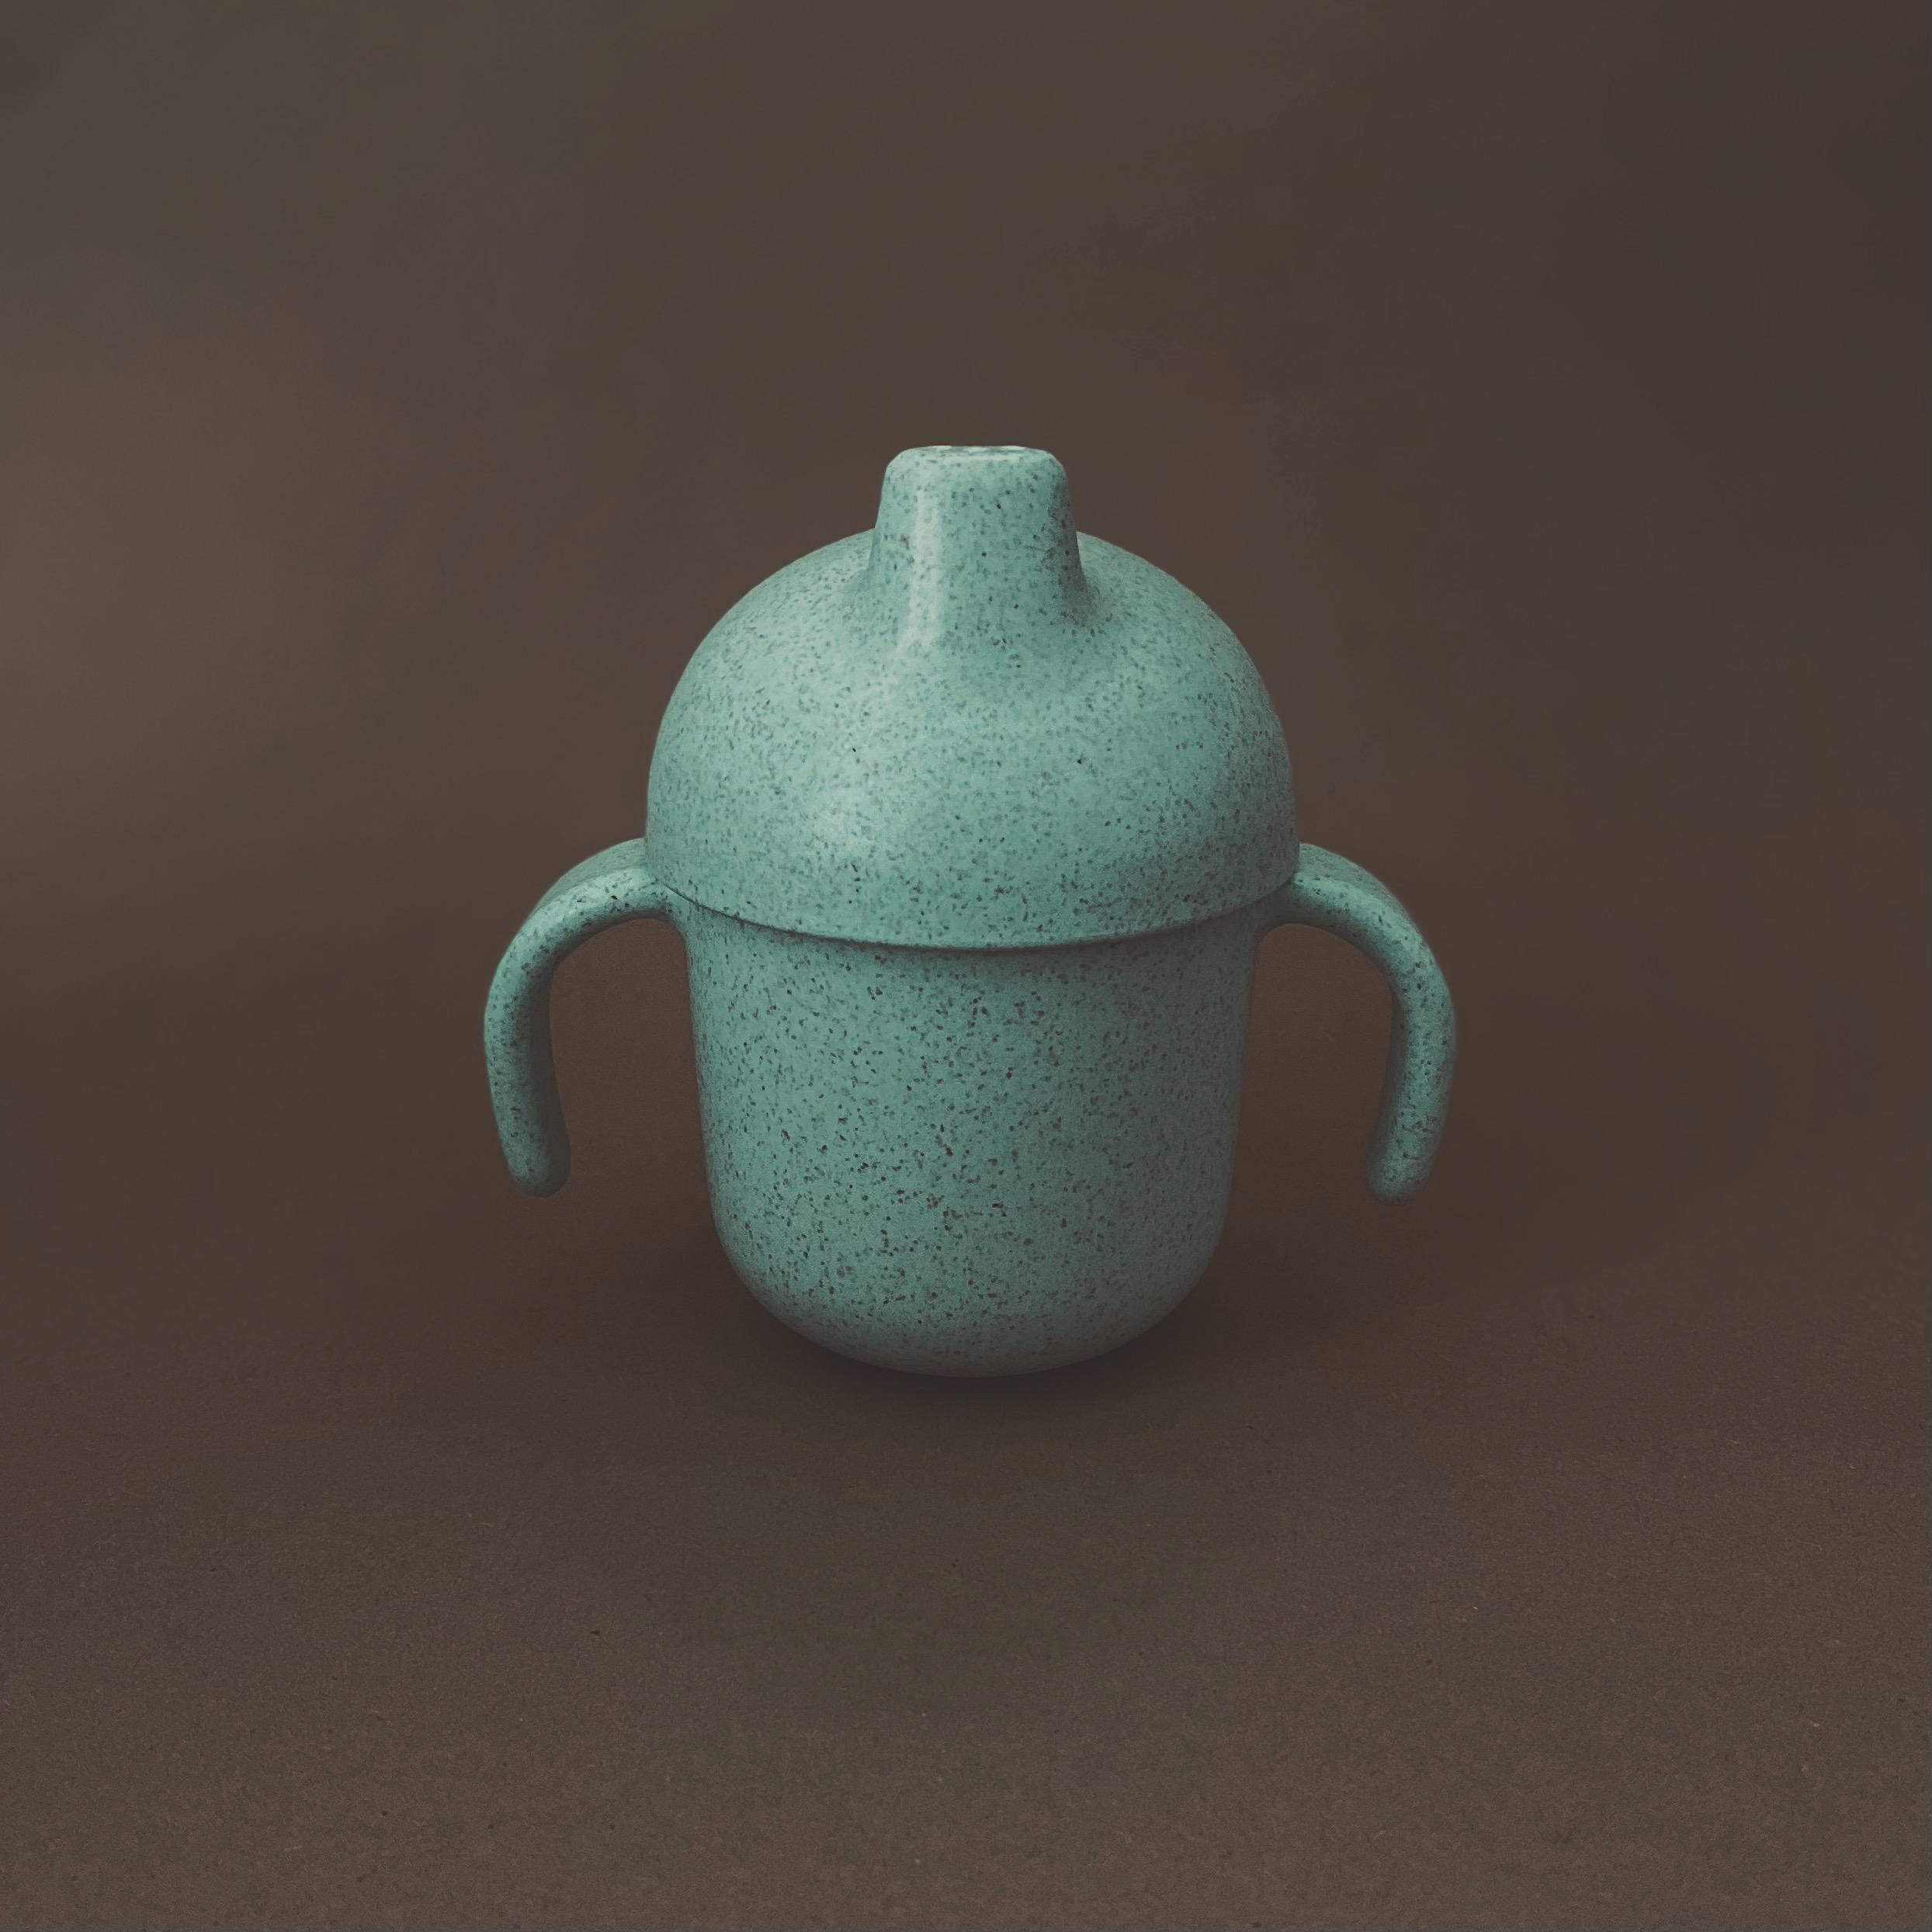 Afbeelding Speen & Koord Sippy cups I Mint